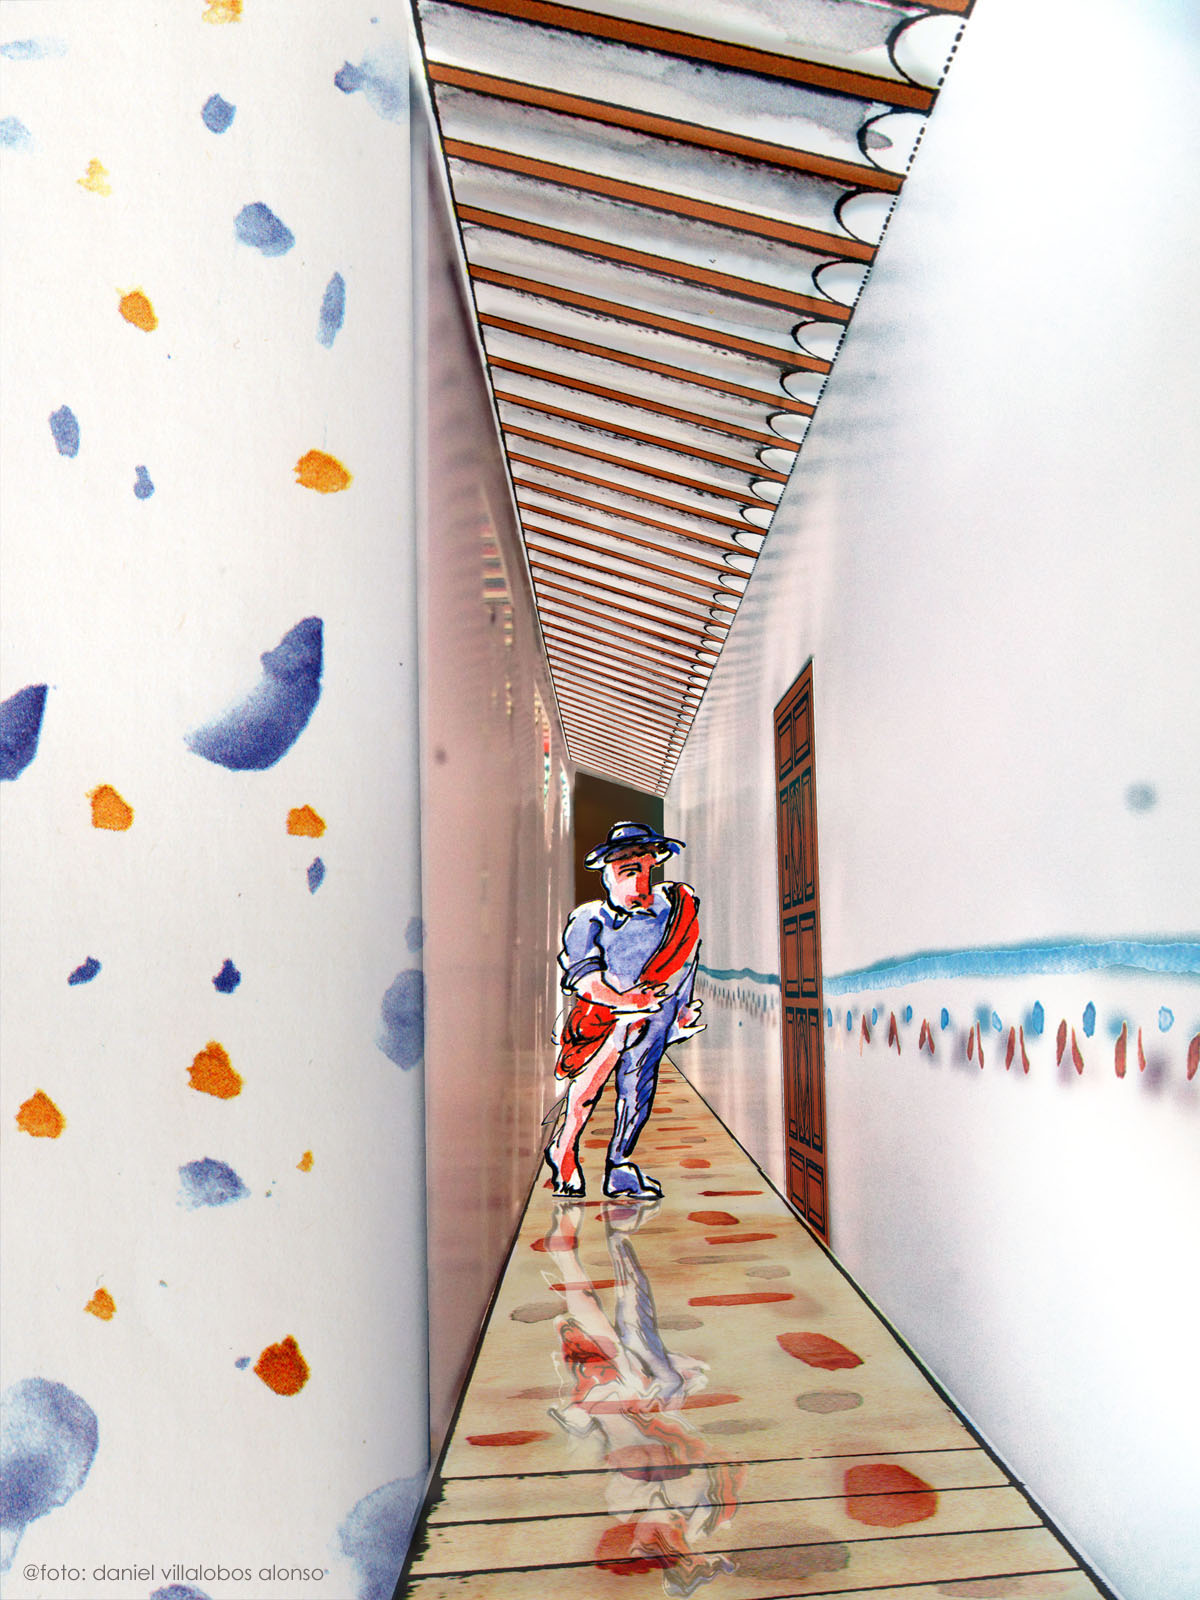 danielvillalobos-toytheater-prezvillalta-almagro-corraldecomedias-109